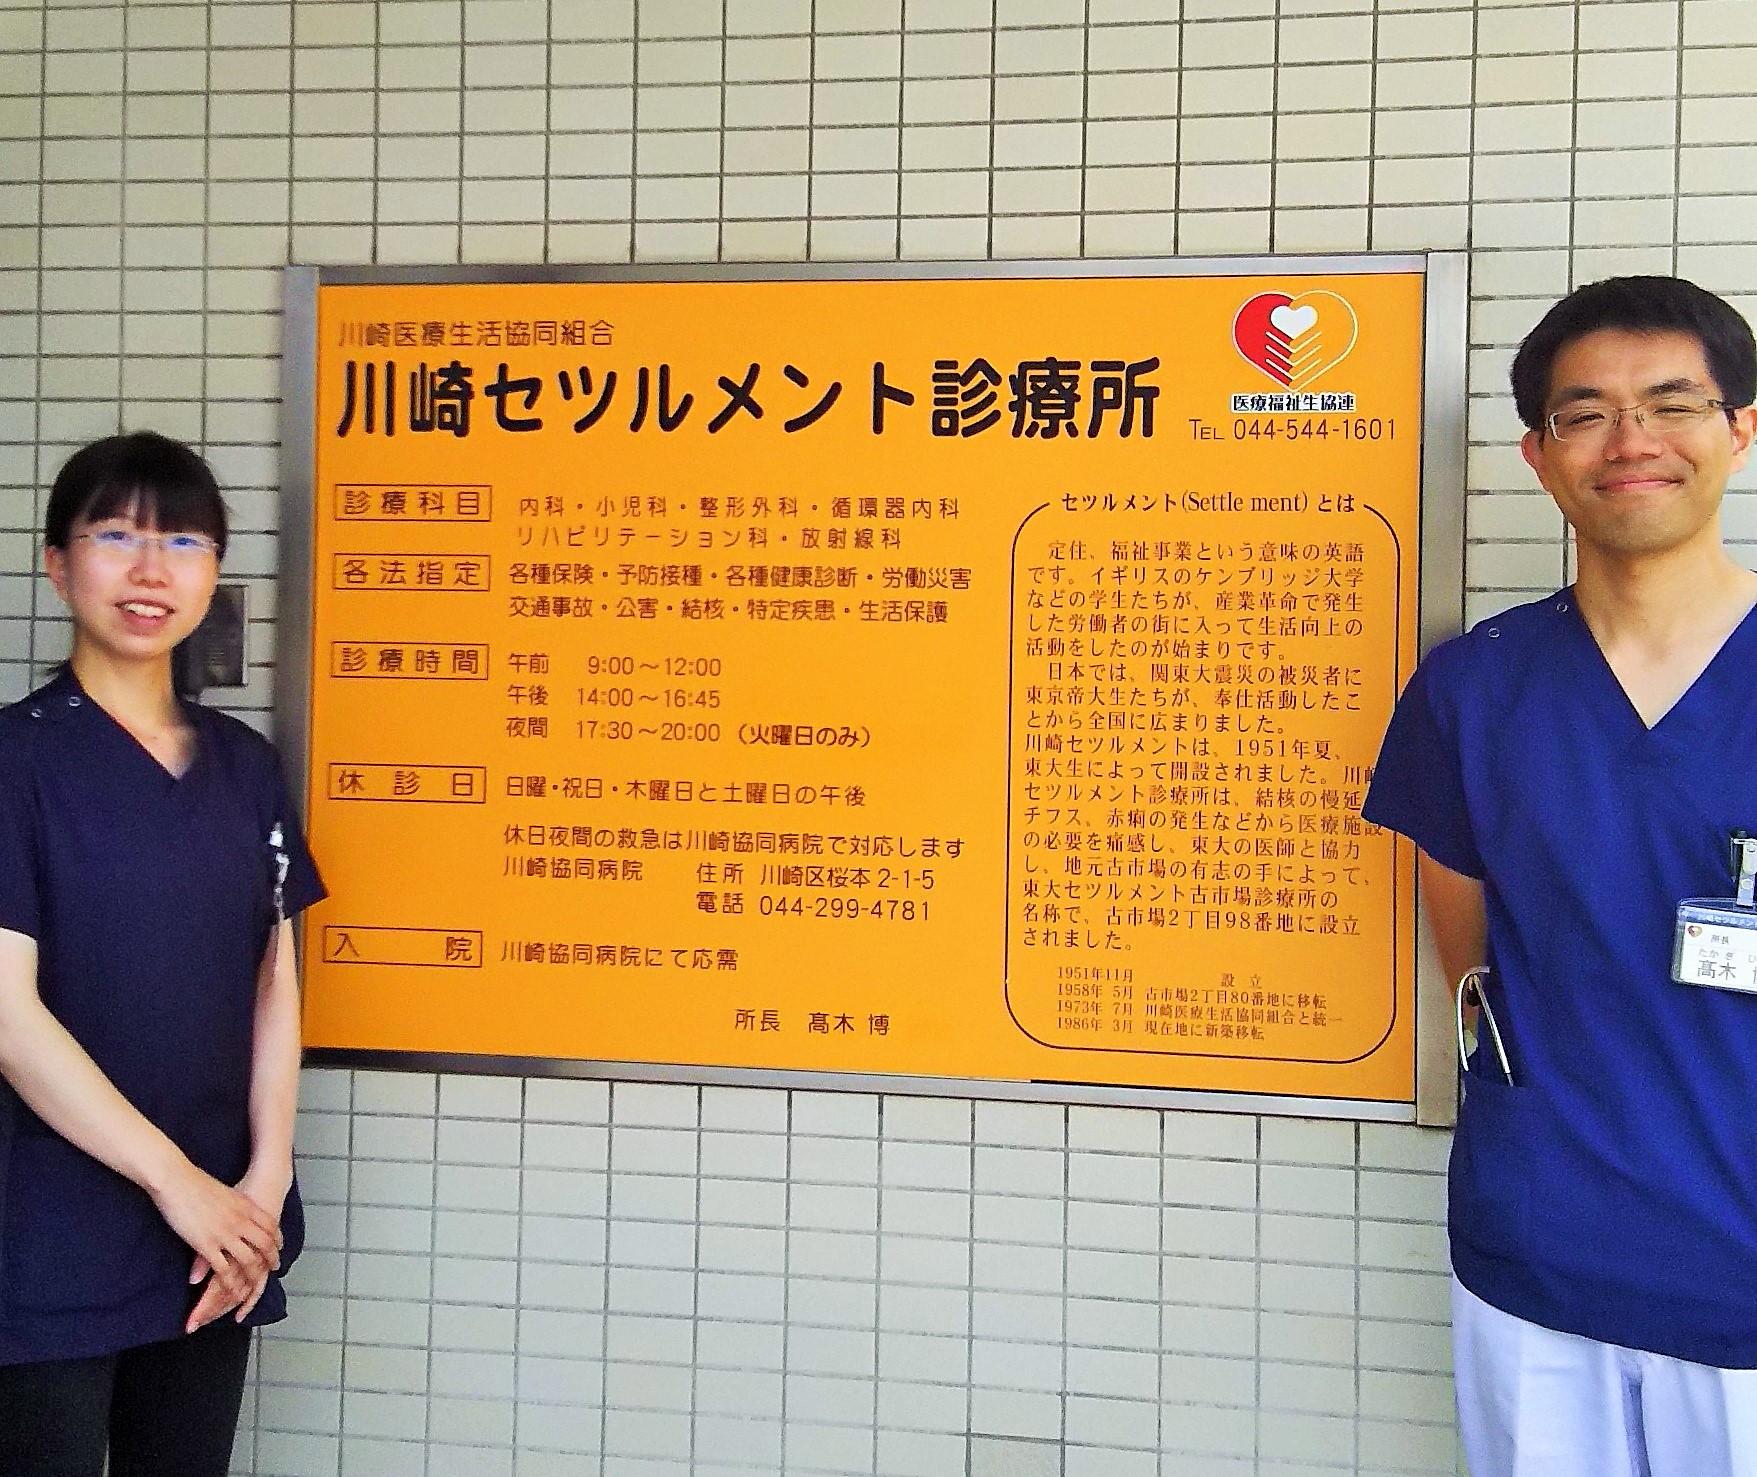 所長の高木先生(右)と筆者(左)